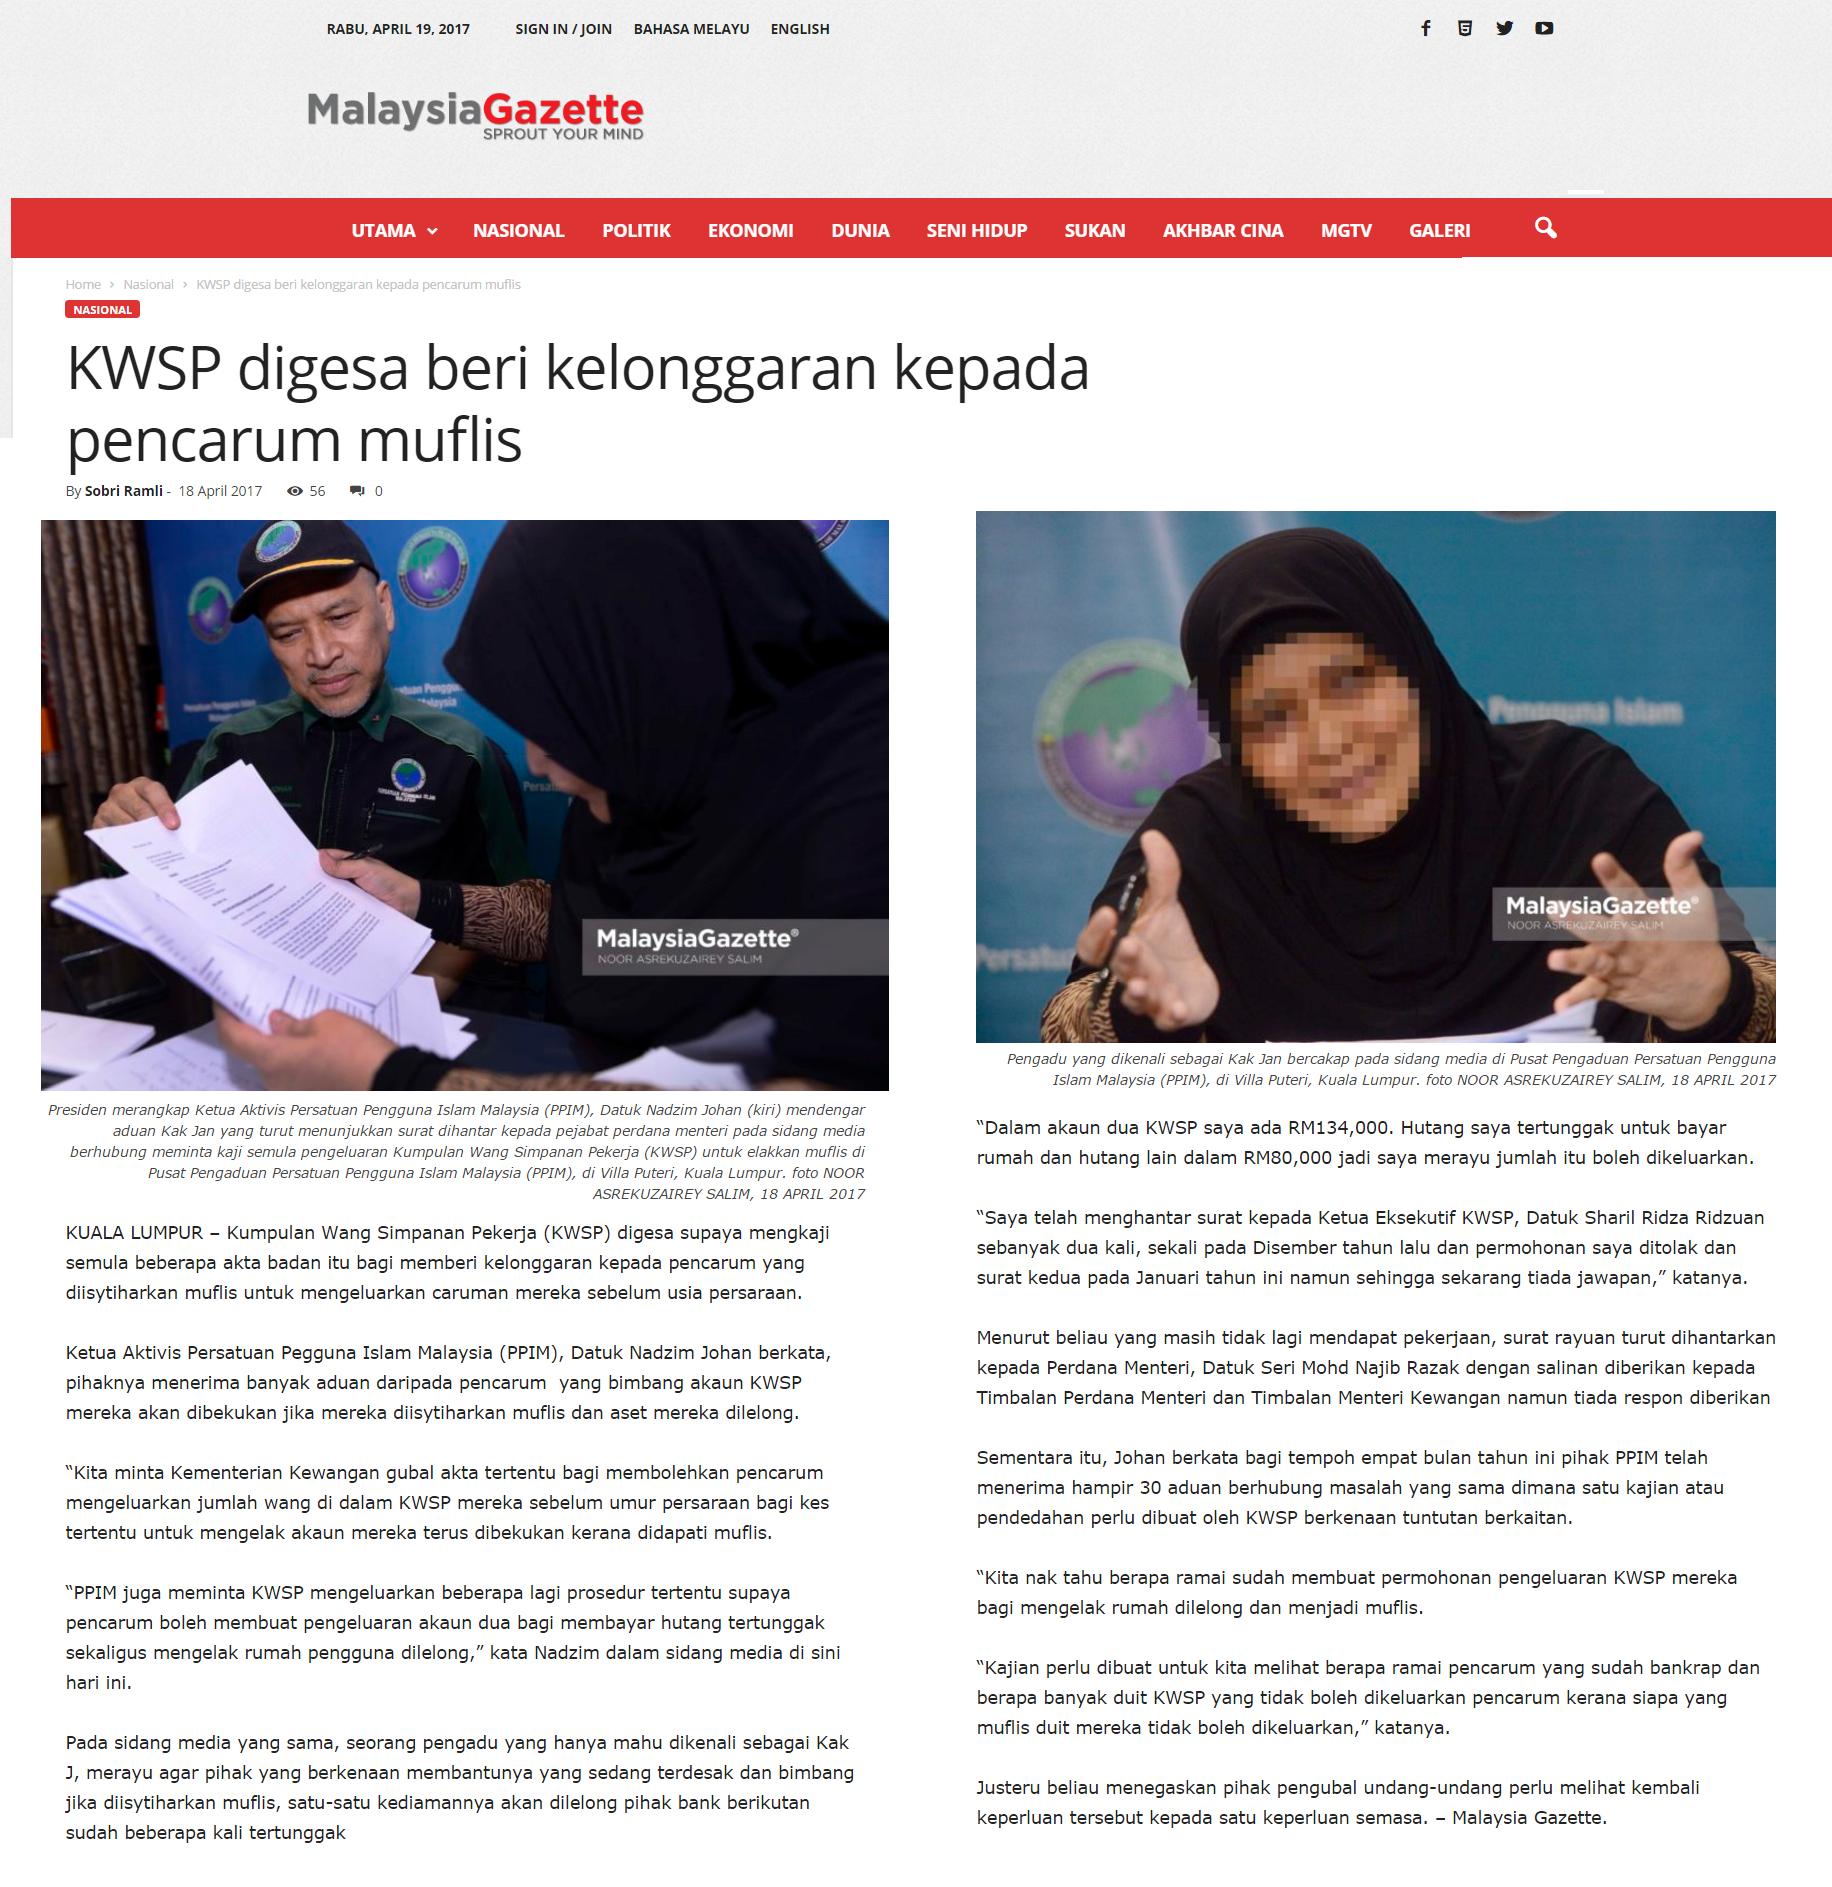 KWSP digesa beri kelonggaran kepada pencarum muflis